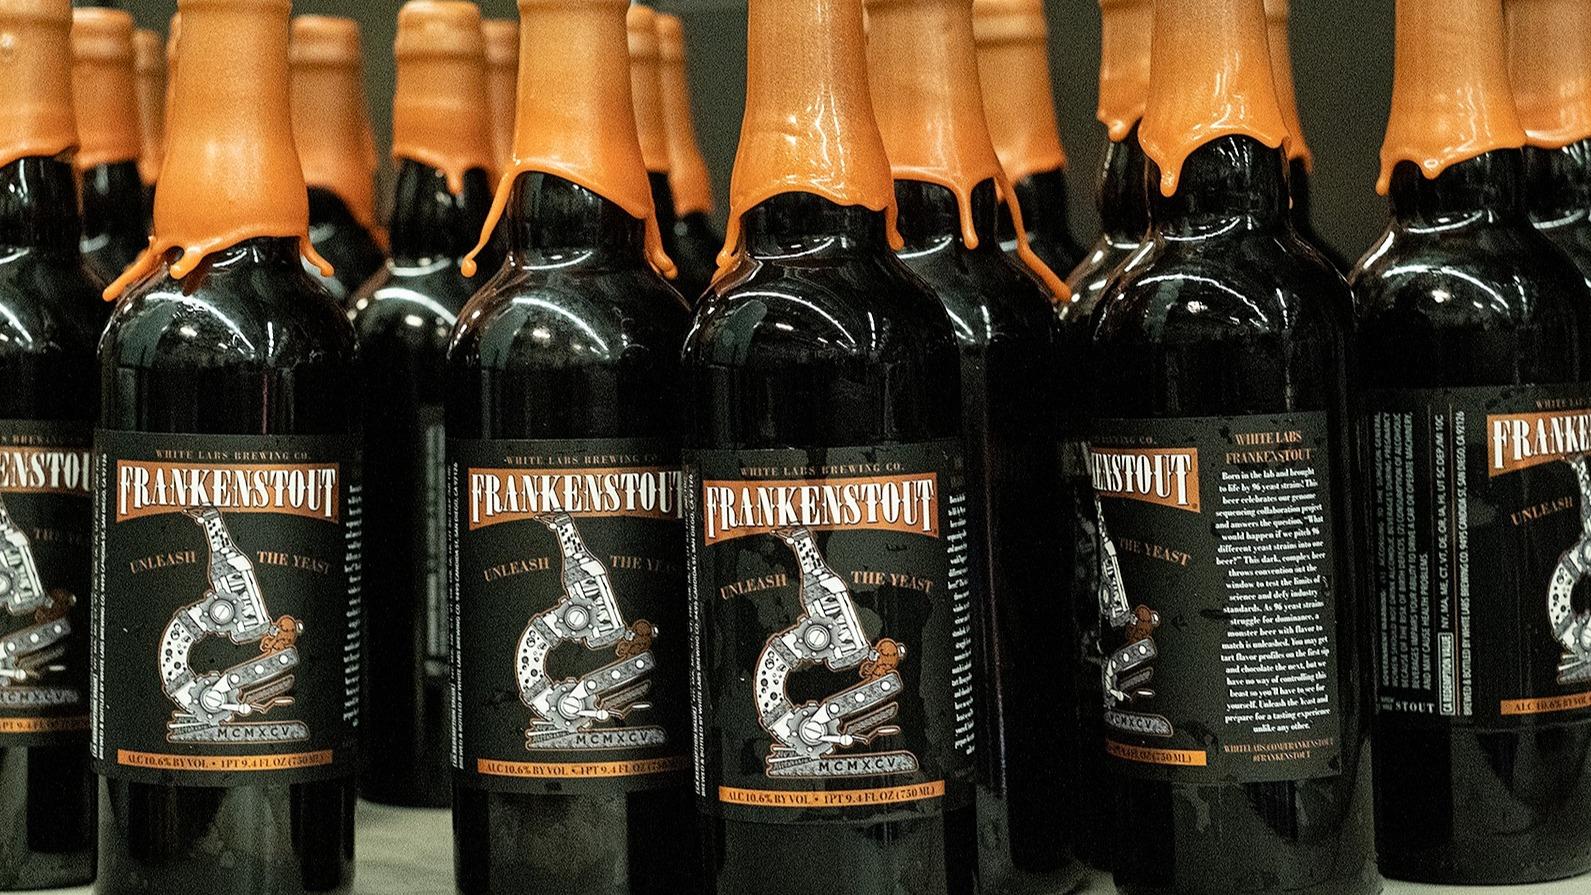 Frankenstout Bottle Release